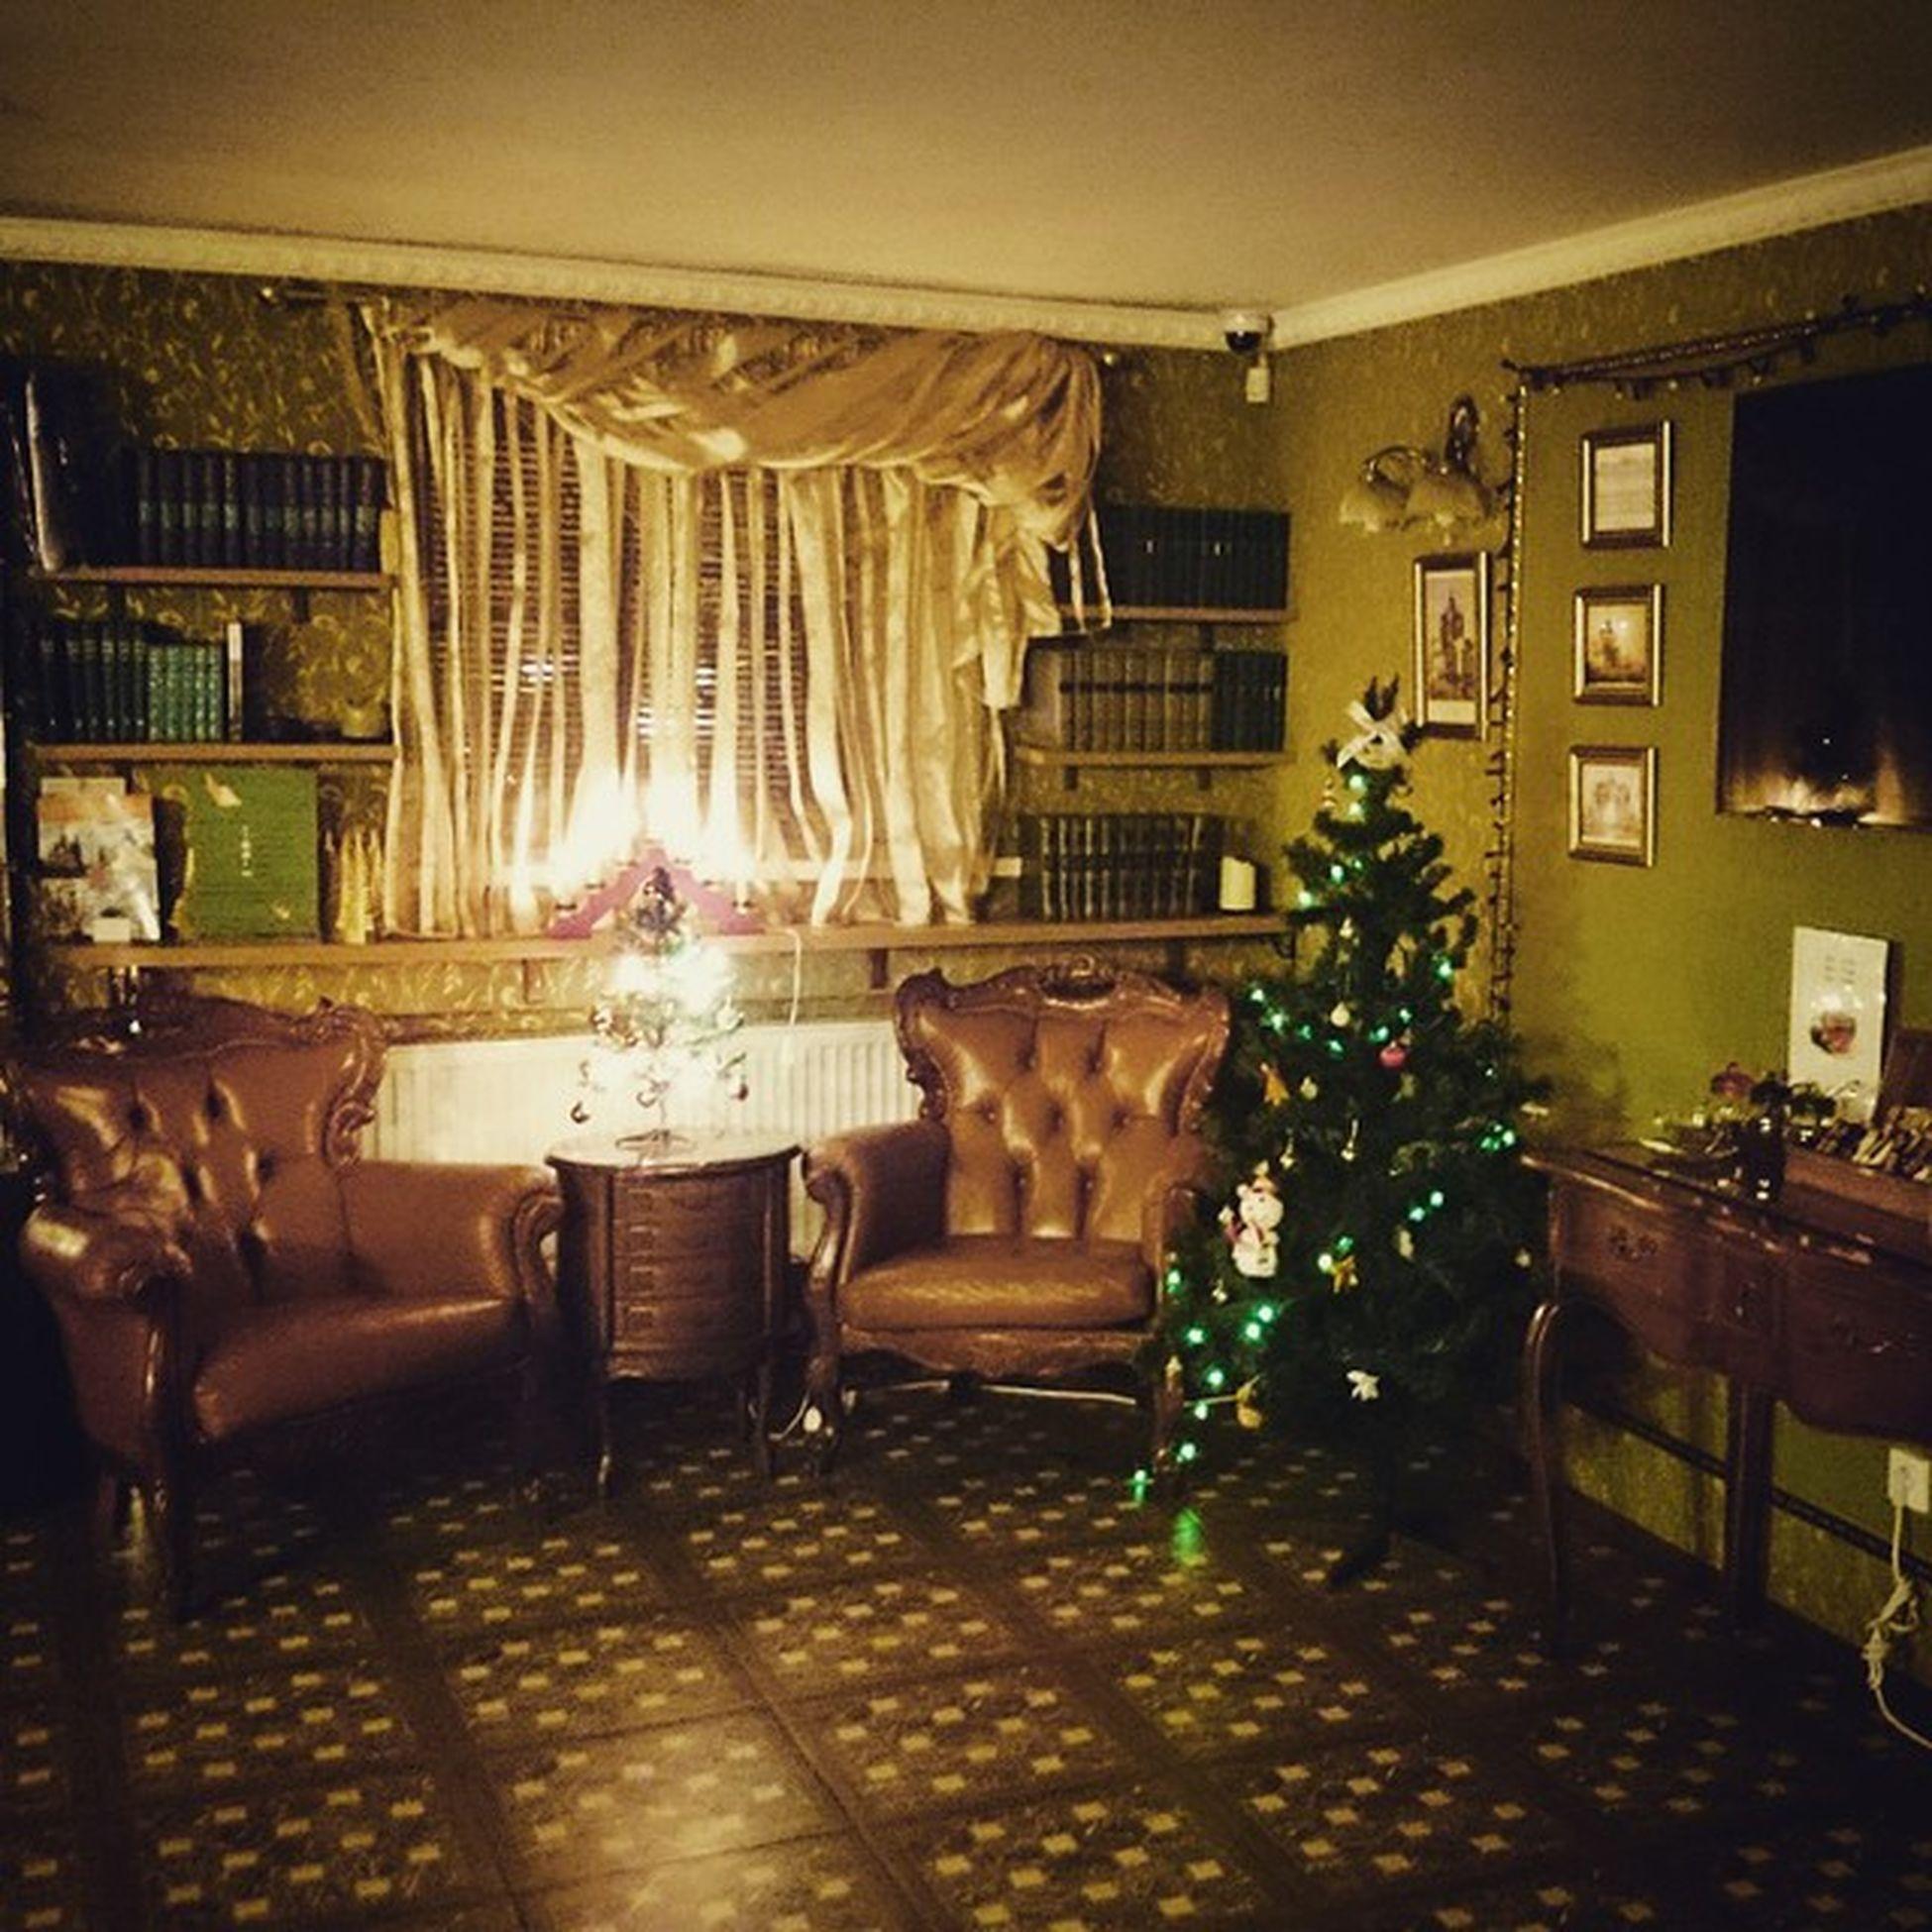 приятного вечера приятнаяработа стасовотель новыйгод stasovhotel singulariat atstasovhotel